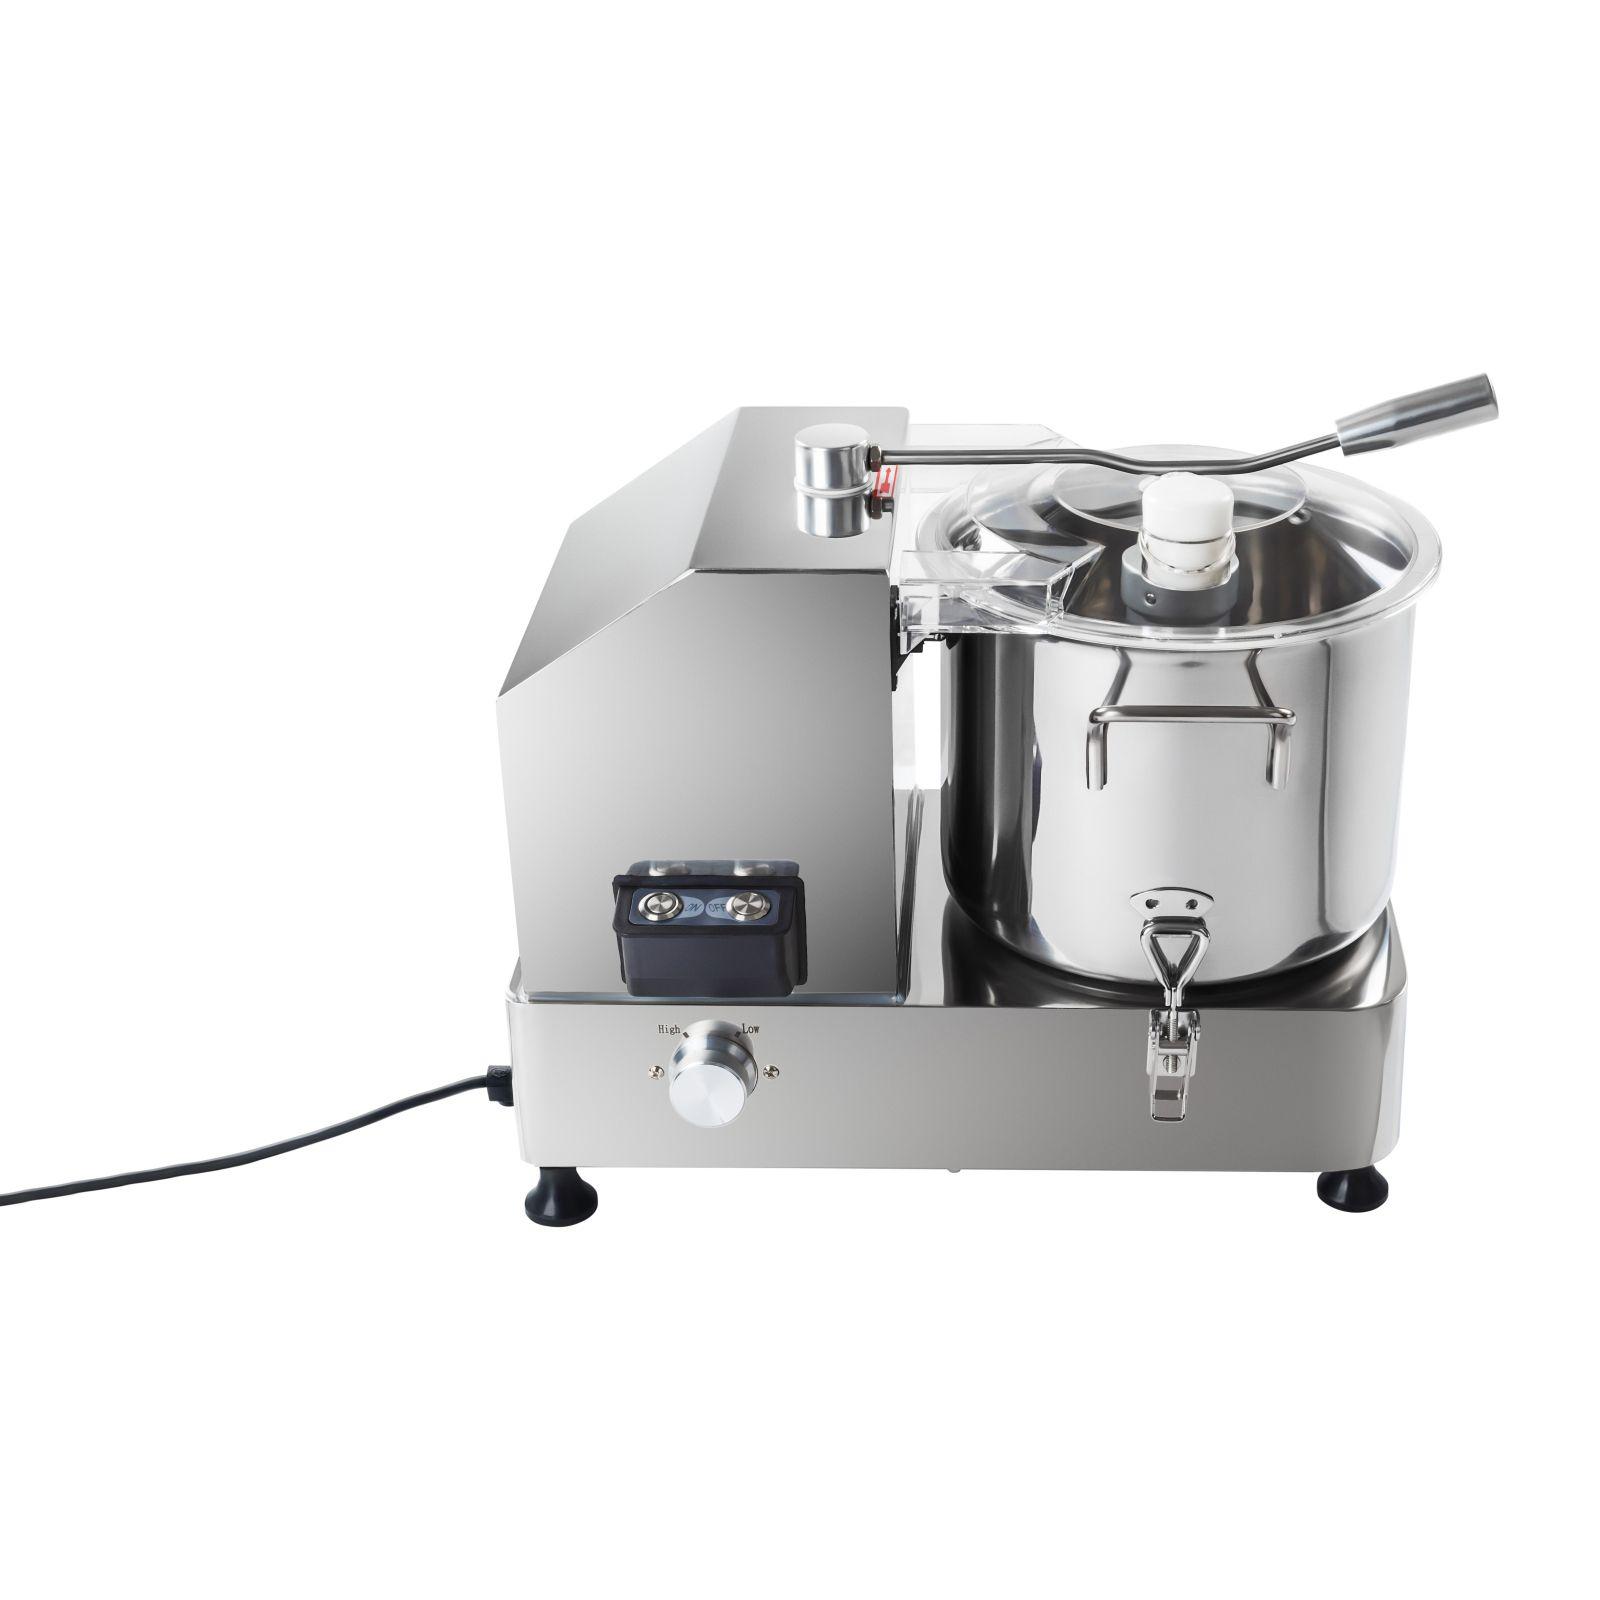 Cutter professionale mixer da cucina nuovo robot elettrico - Mixer da cucina prezzi ...